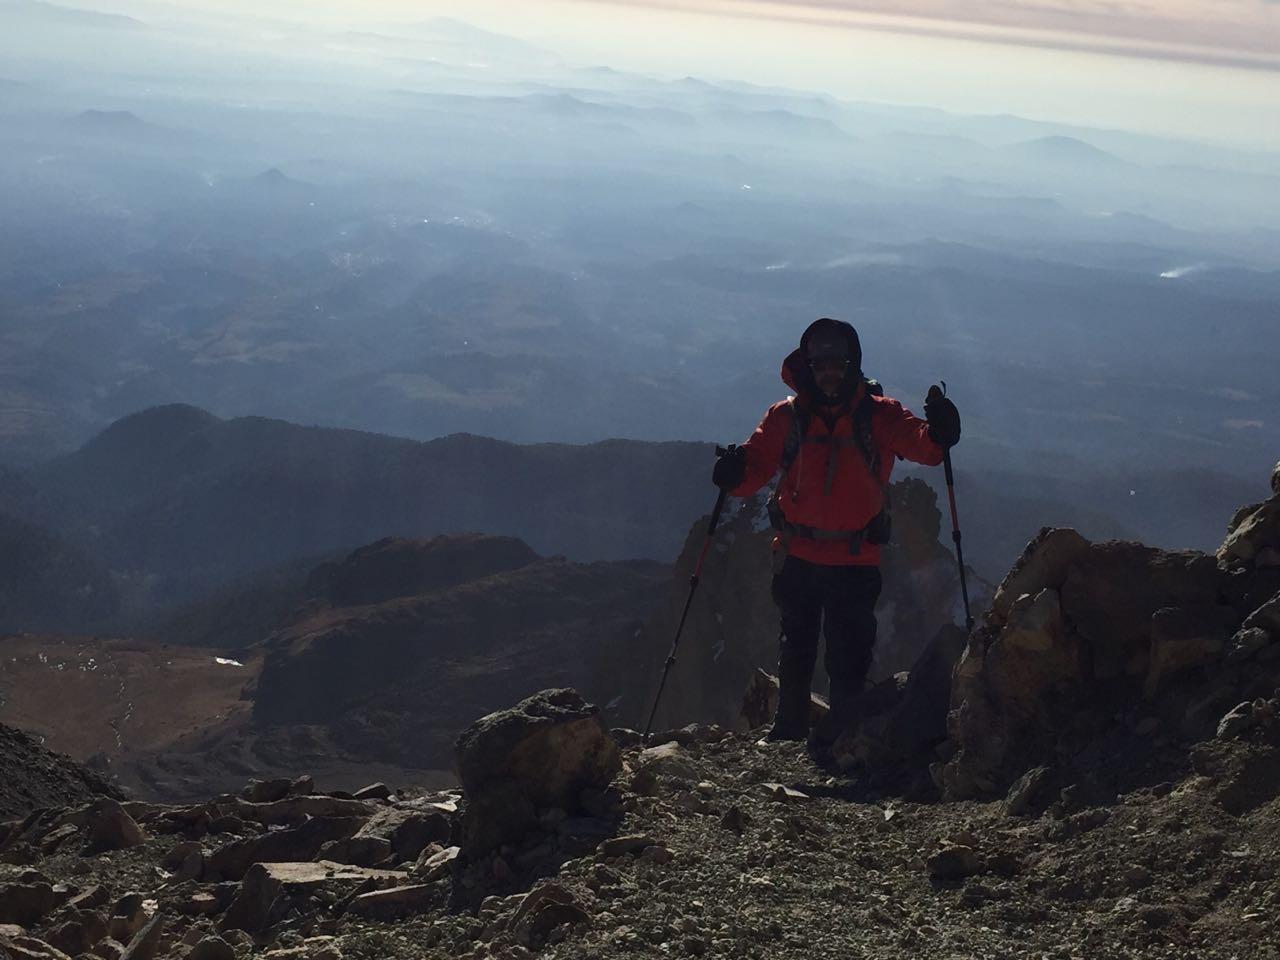 Rumbo a la cumbre del volcán Iztaccíhuatl, en 2018.